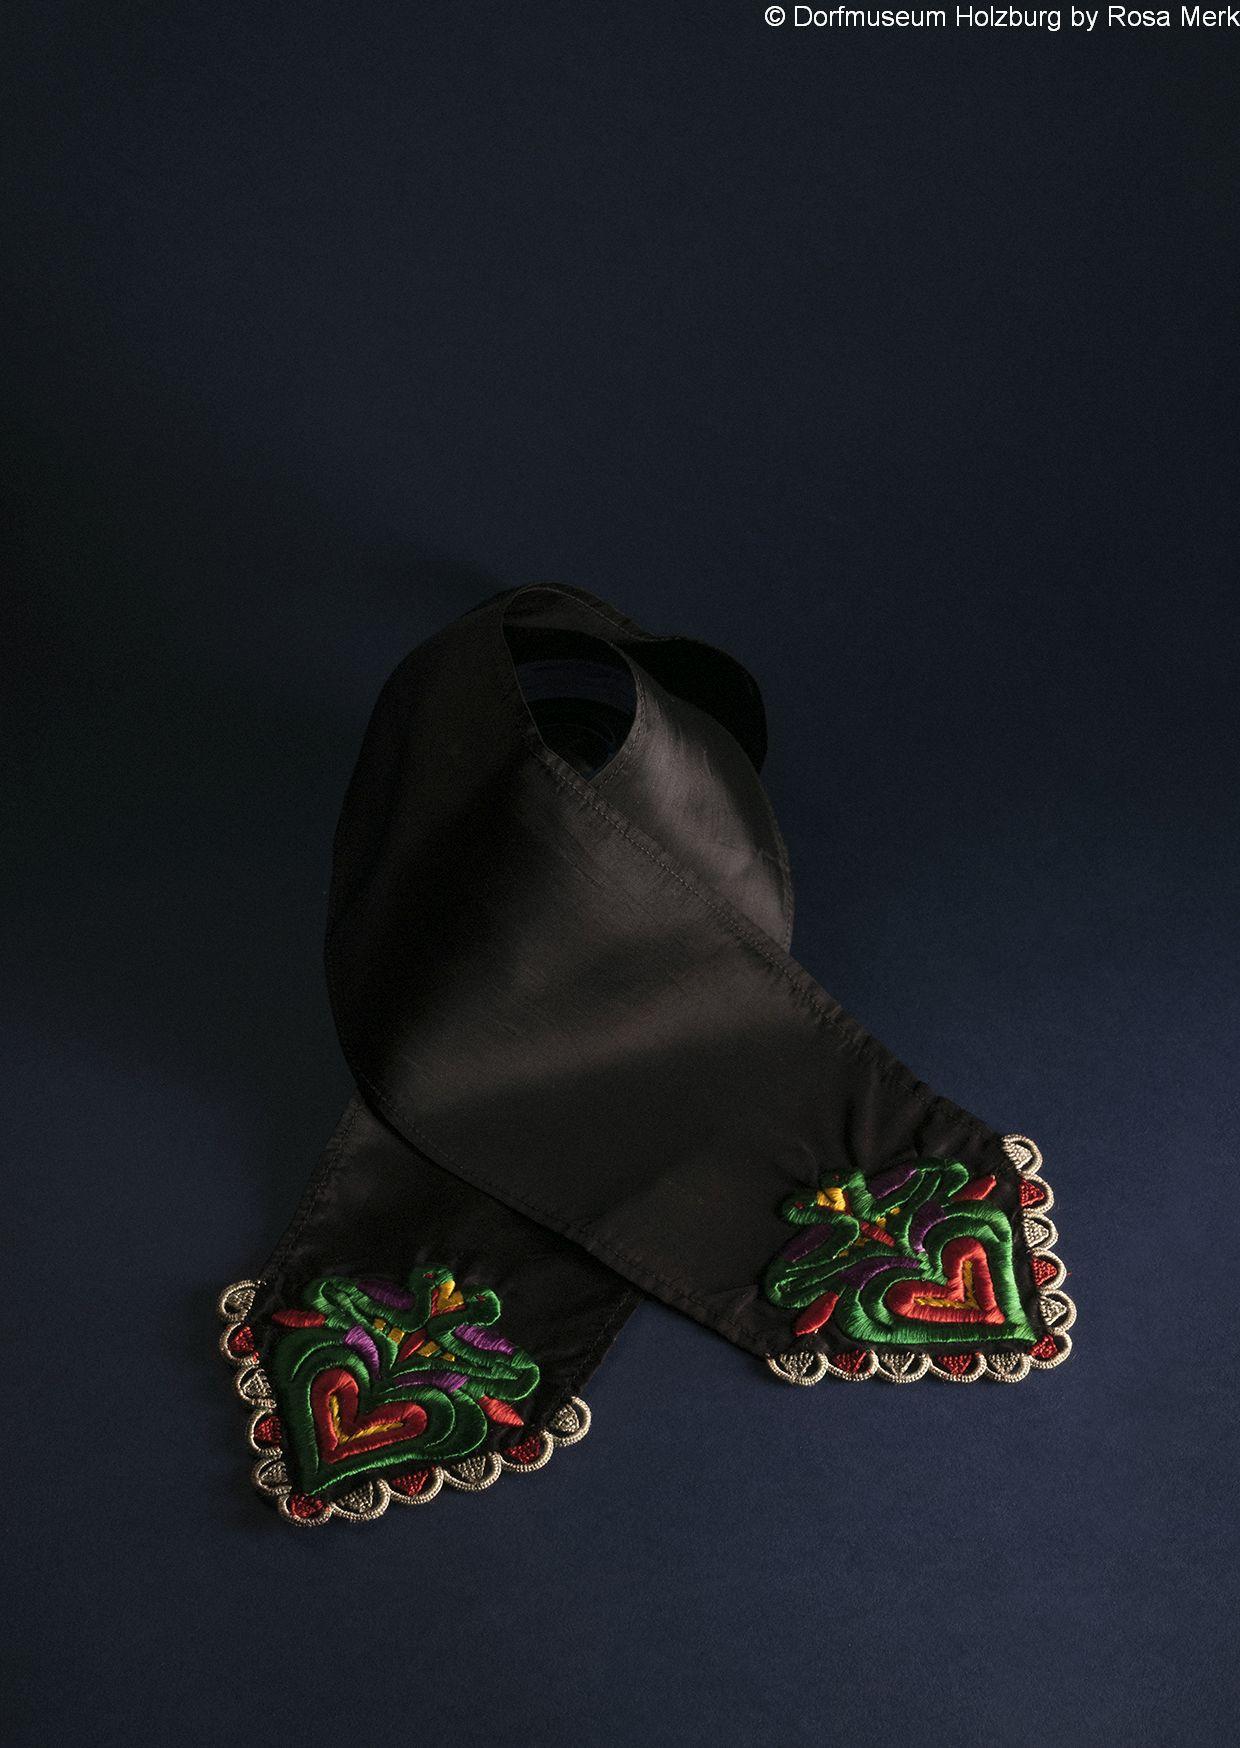 Krawatte für Schwälmer Männertracht, 20. Jh., schwarzes Moiréeband, Spitzen mit Herzen und Vögelchen bunt bestickt